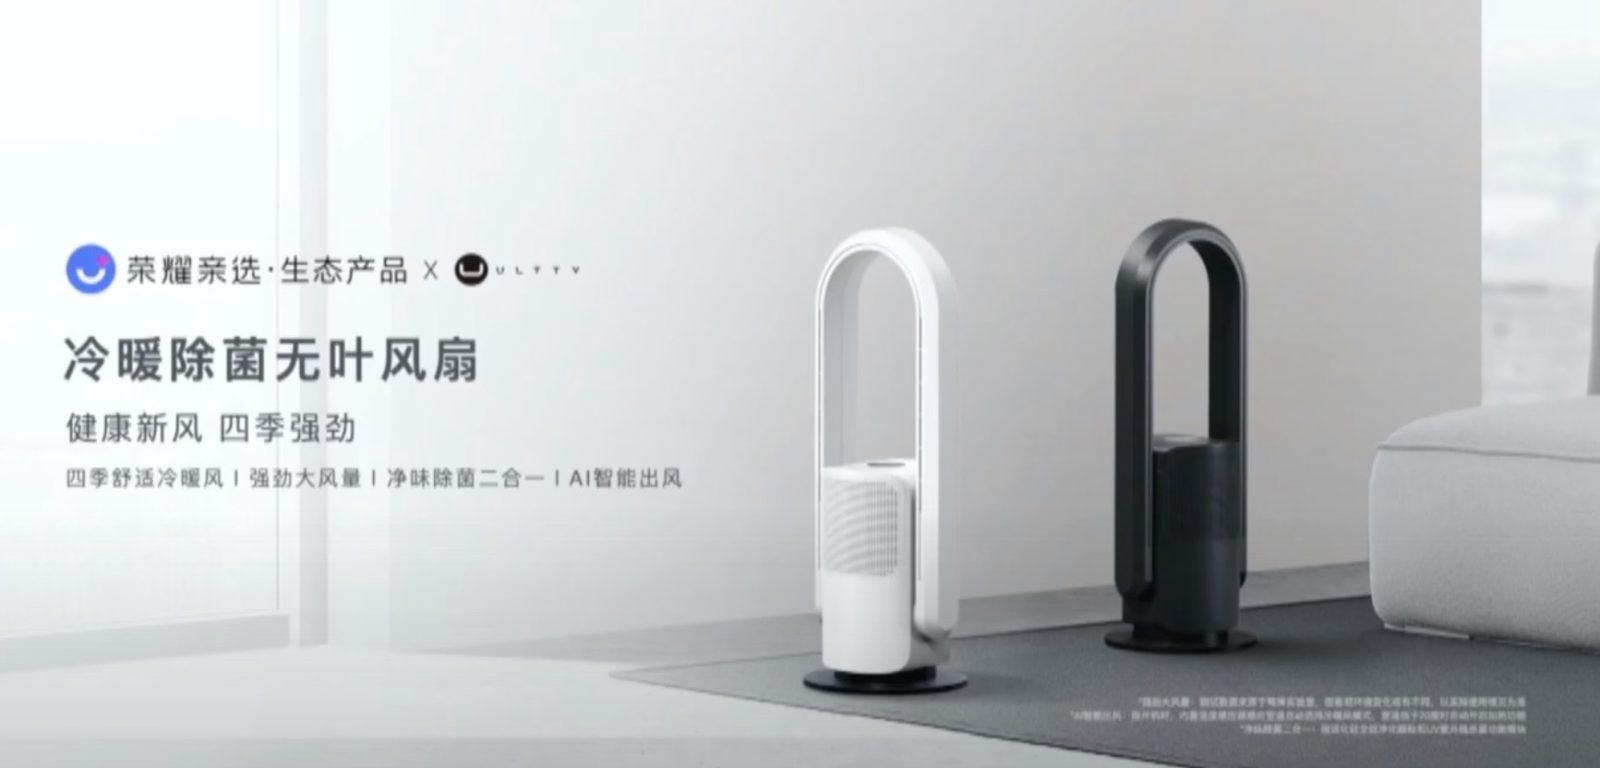 La Smart Home HONOR Choice porta la domotica negli oggetti di tutti i giorni